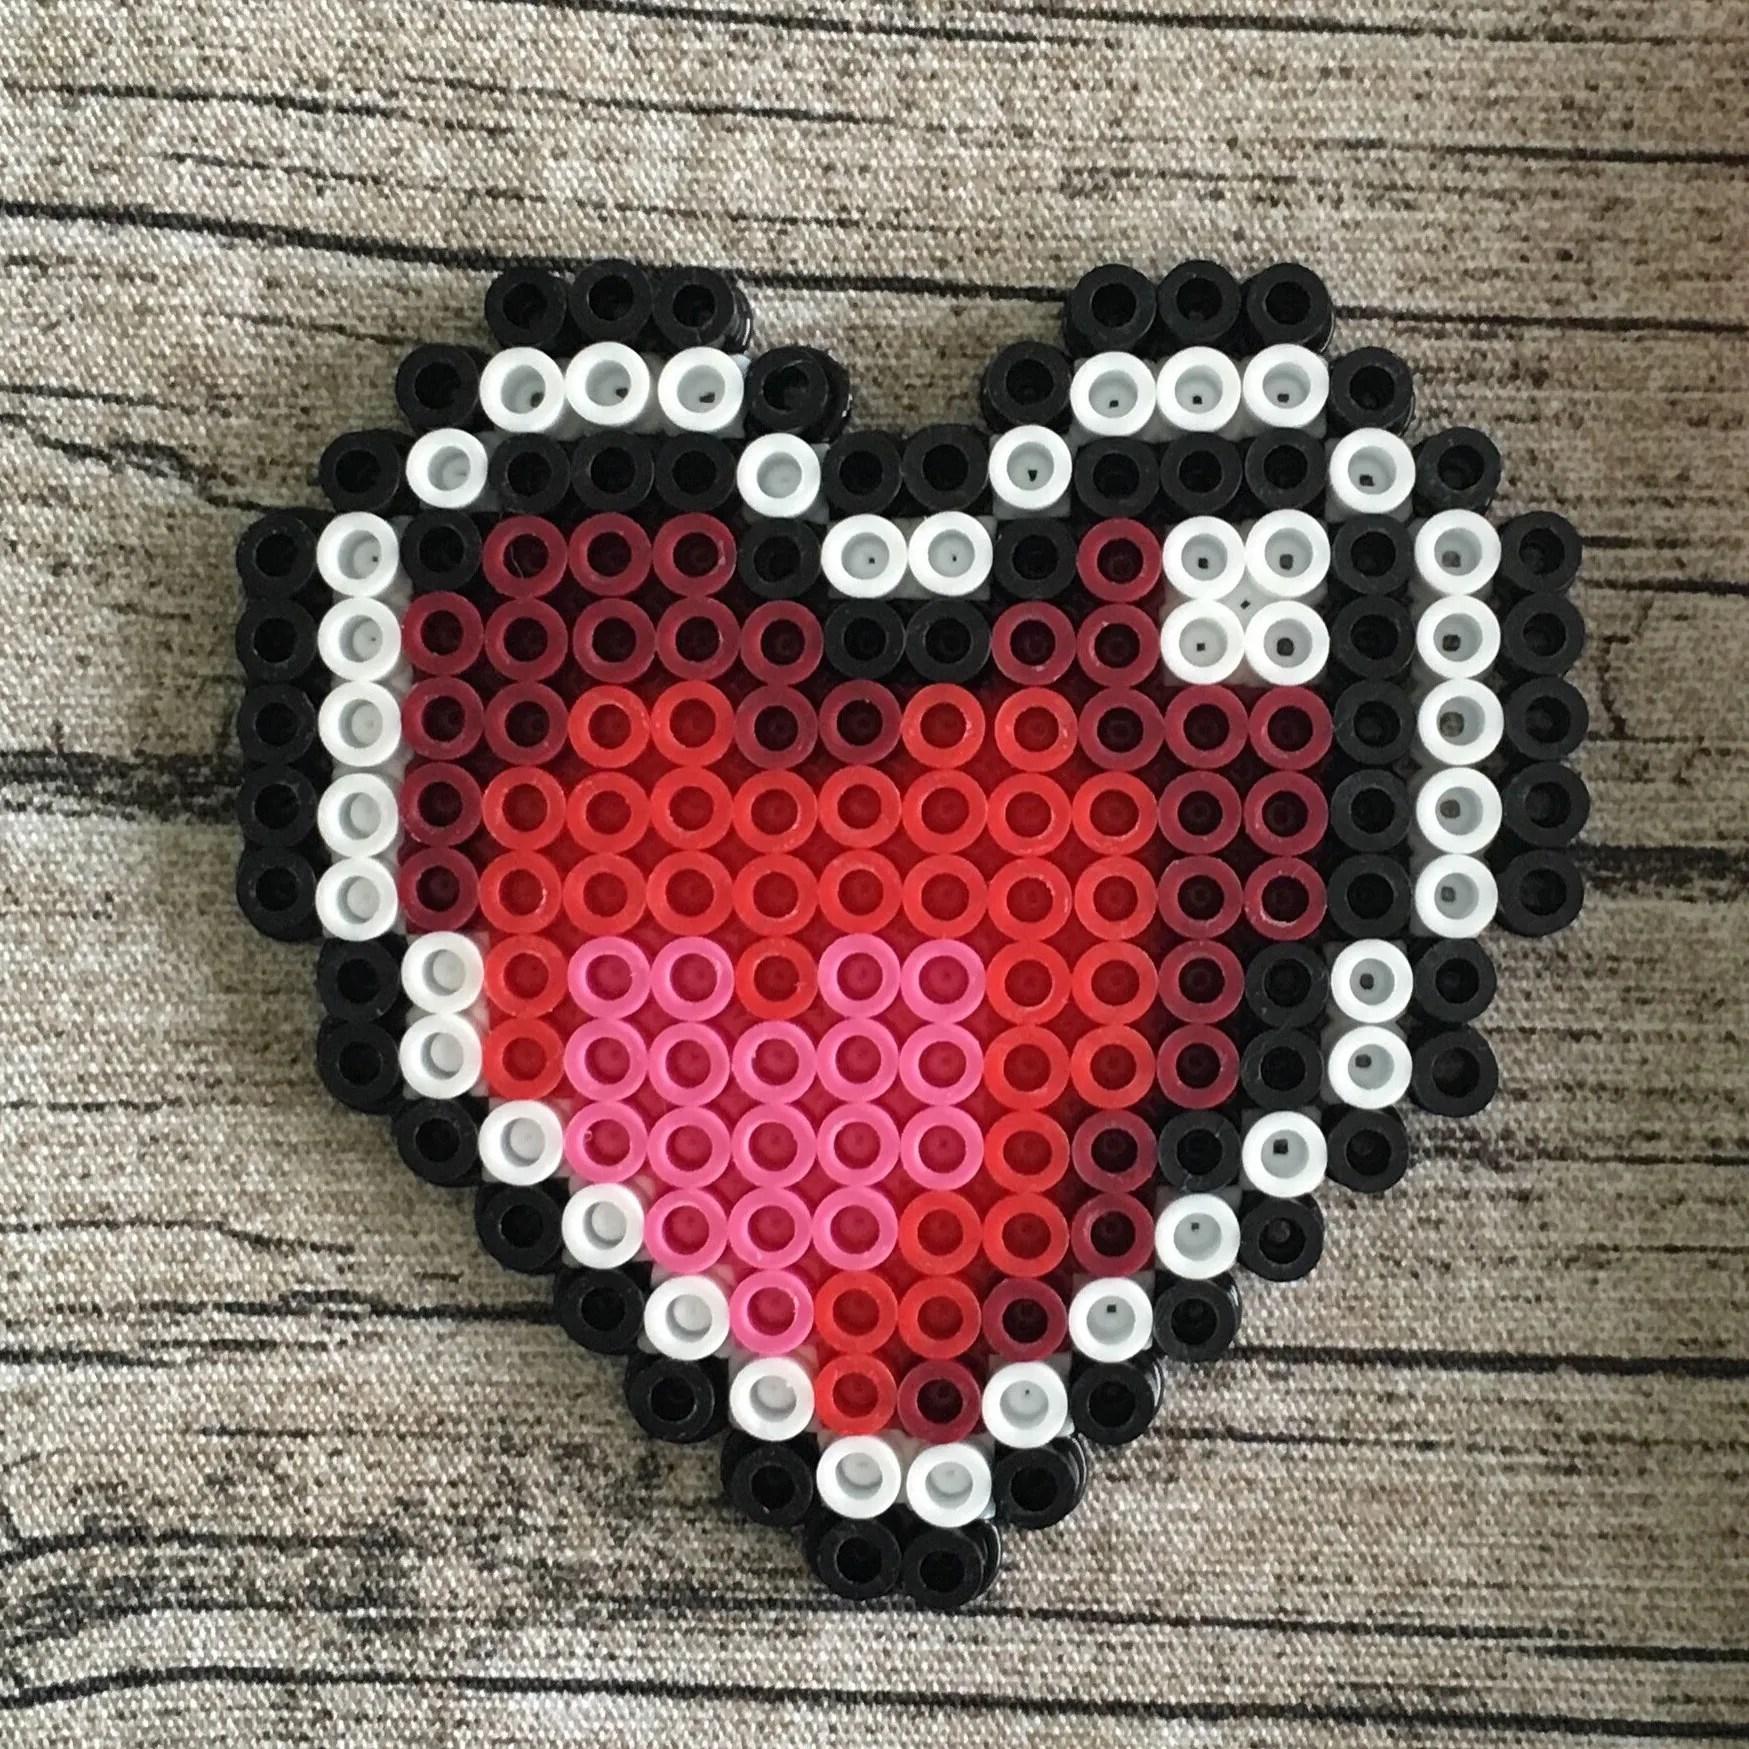 Fortnite Perler Beads Chug Jug | Fortnite Season 6 Recap